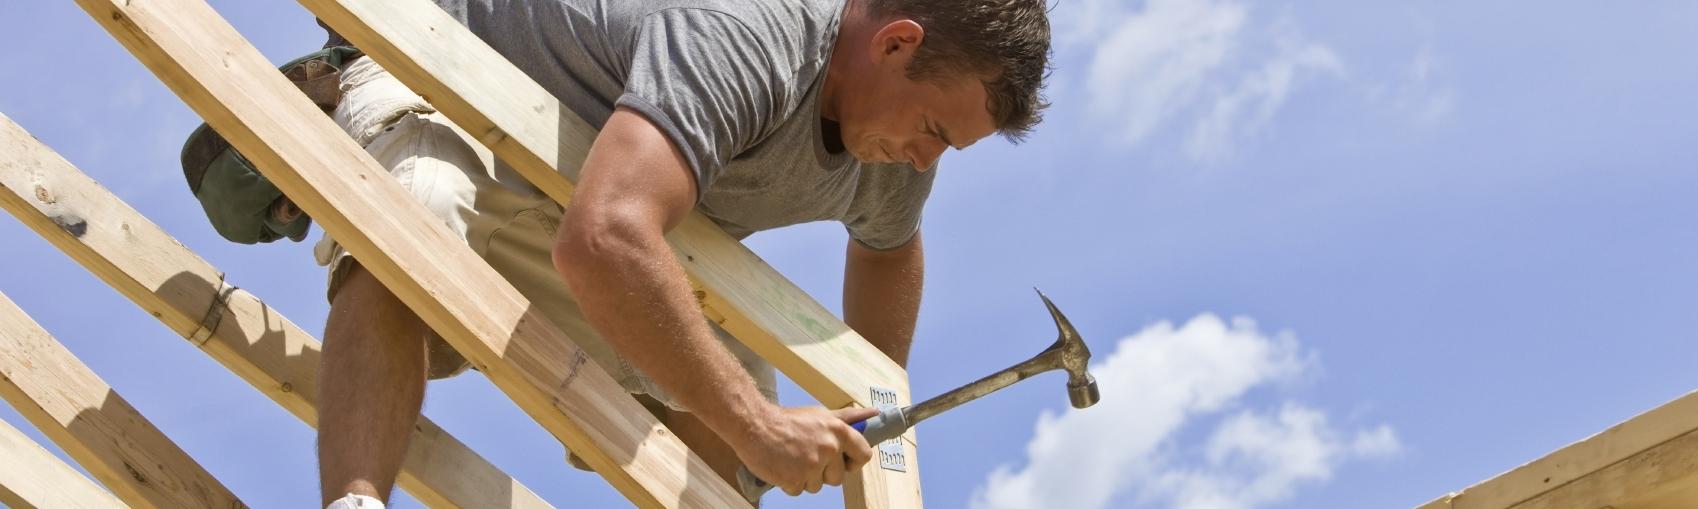 framerwhammerbanner